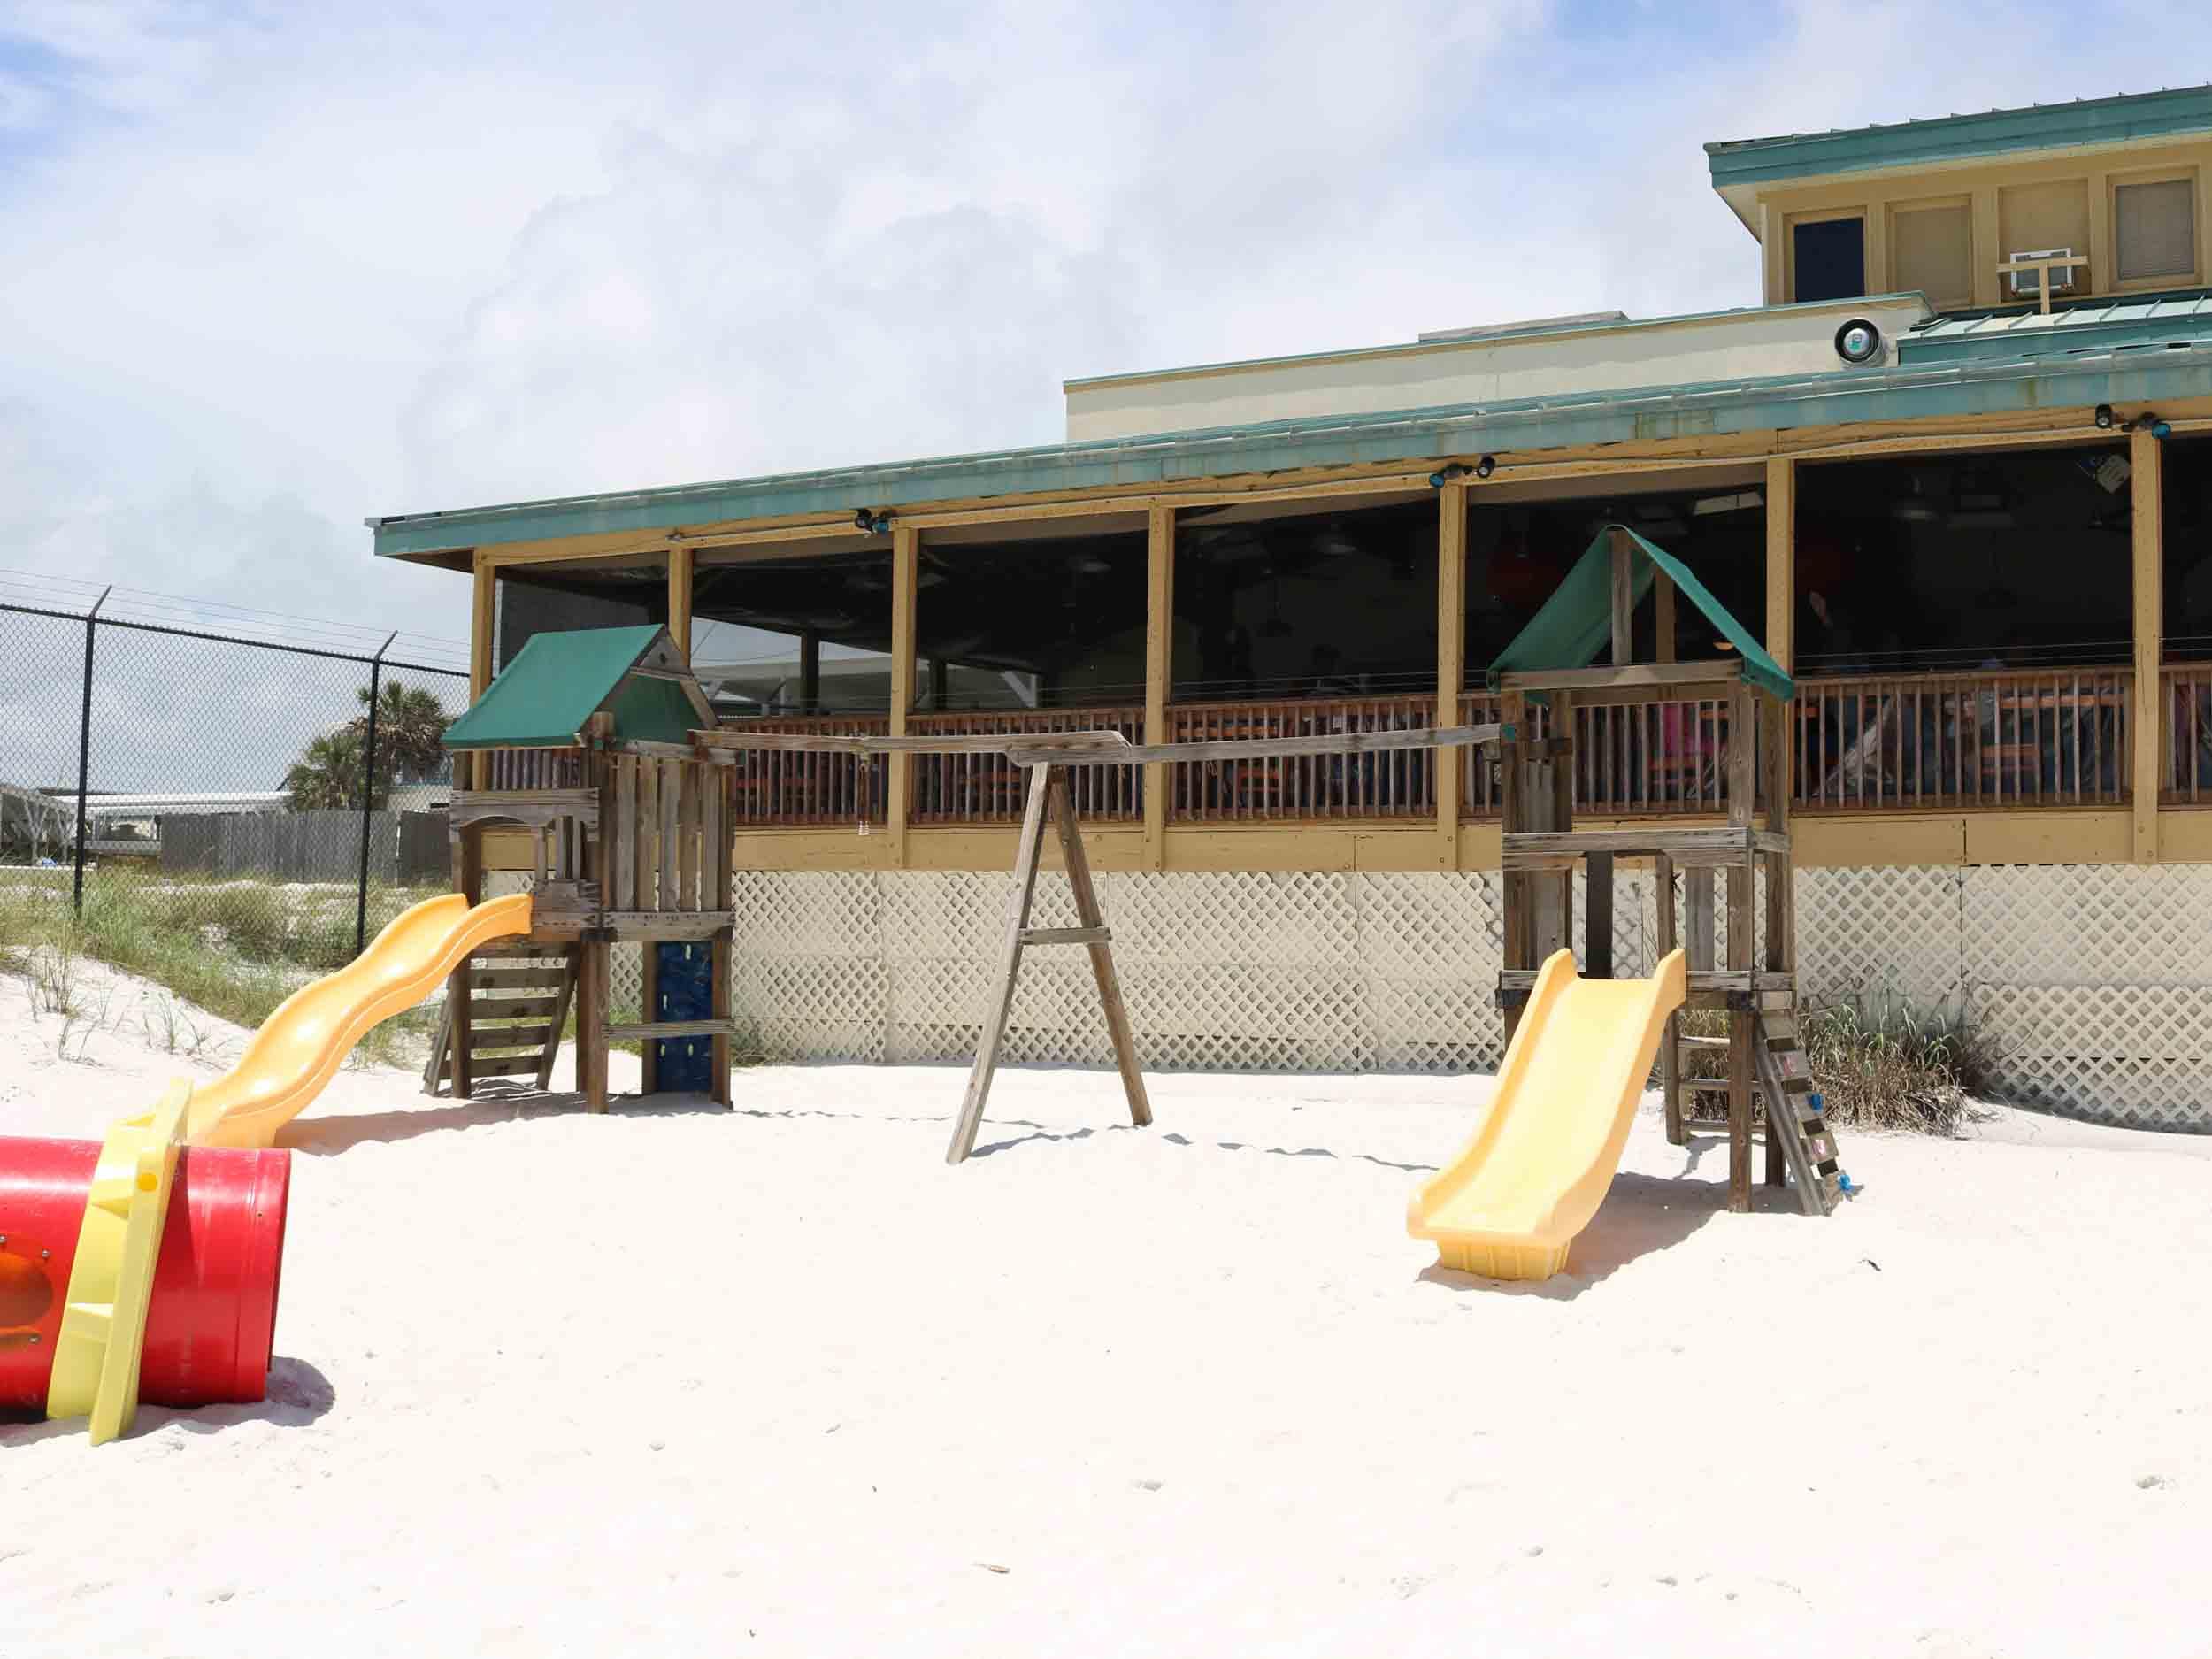 Angler's Playground